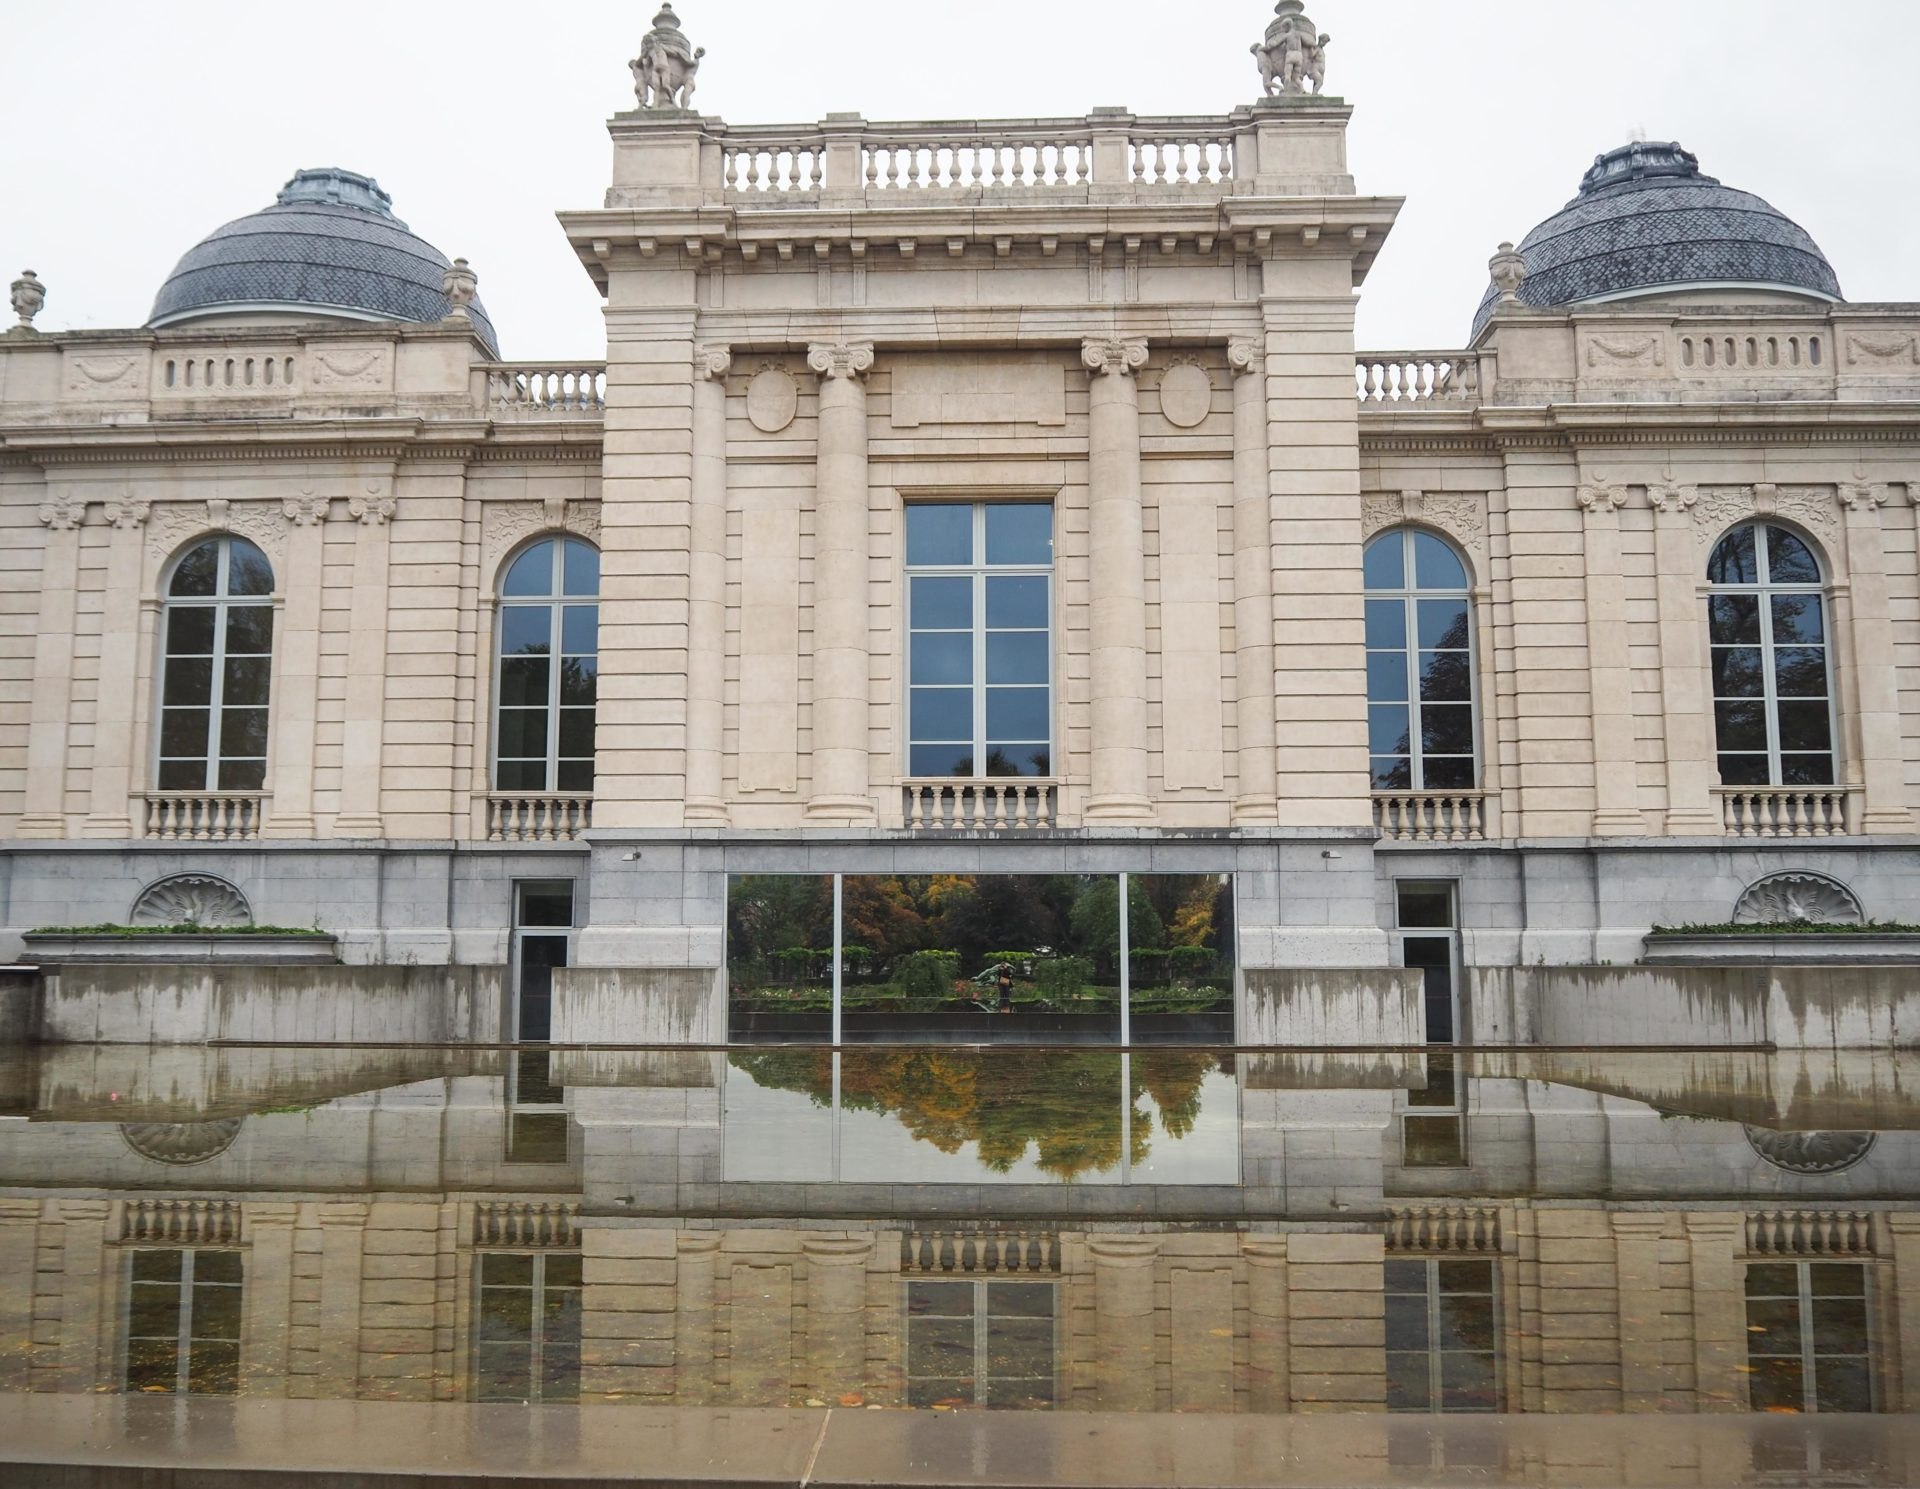 Musée et parc de la Boverie - Visiter Liège en Belgique en mode slow - Que faire et que visiter à Liège? - Adresses slow et gourmandes à Liège - Informations pratiques pour visiter Liège et en tomber amoureuse en quelques instants!